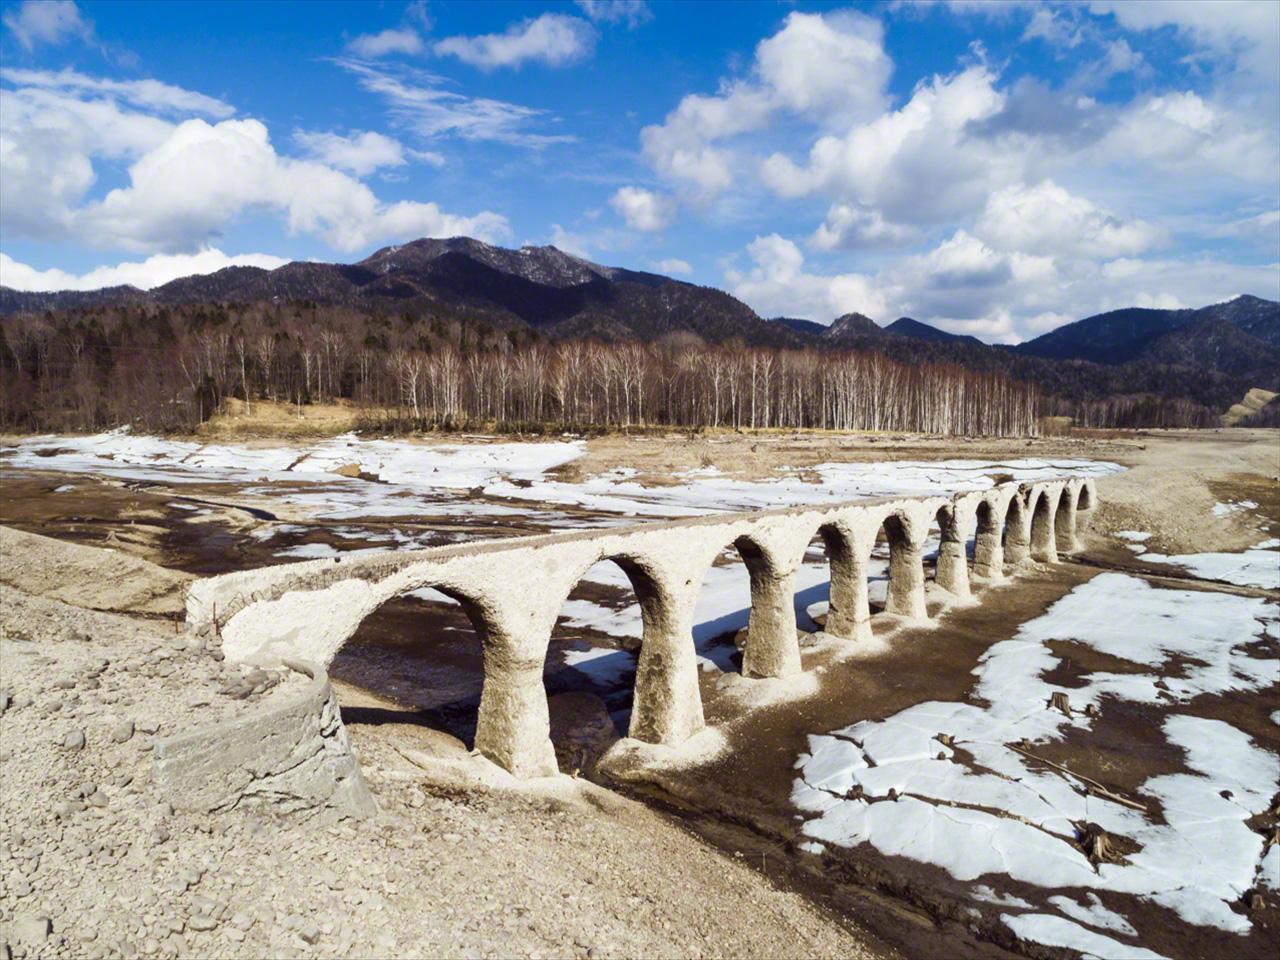 Pada bulan April, es menghilang, tetapi salju tetap ada di tanah.